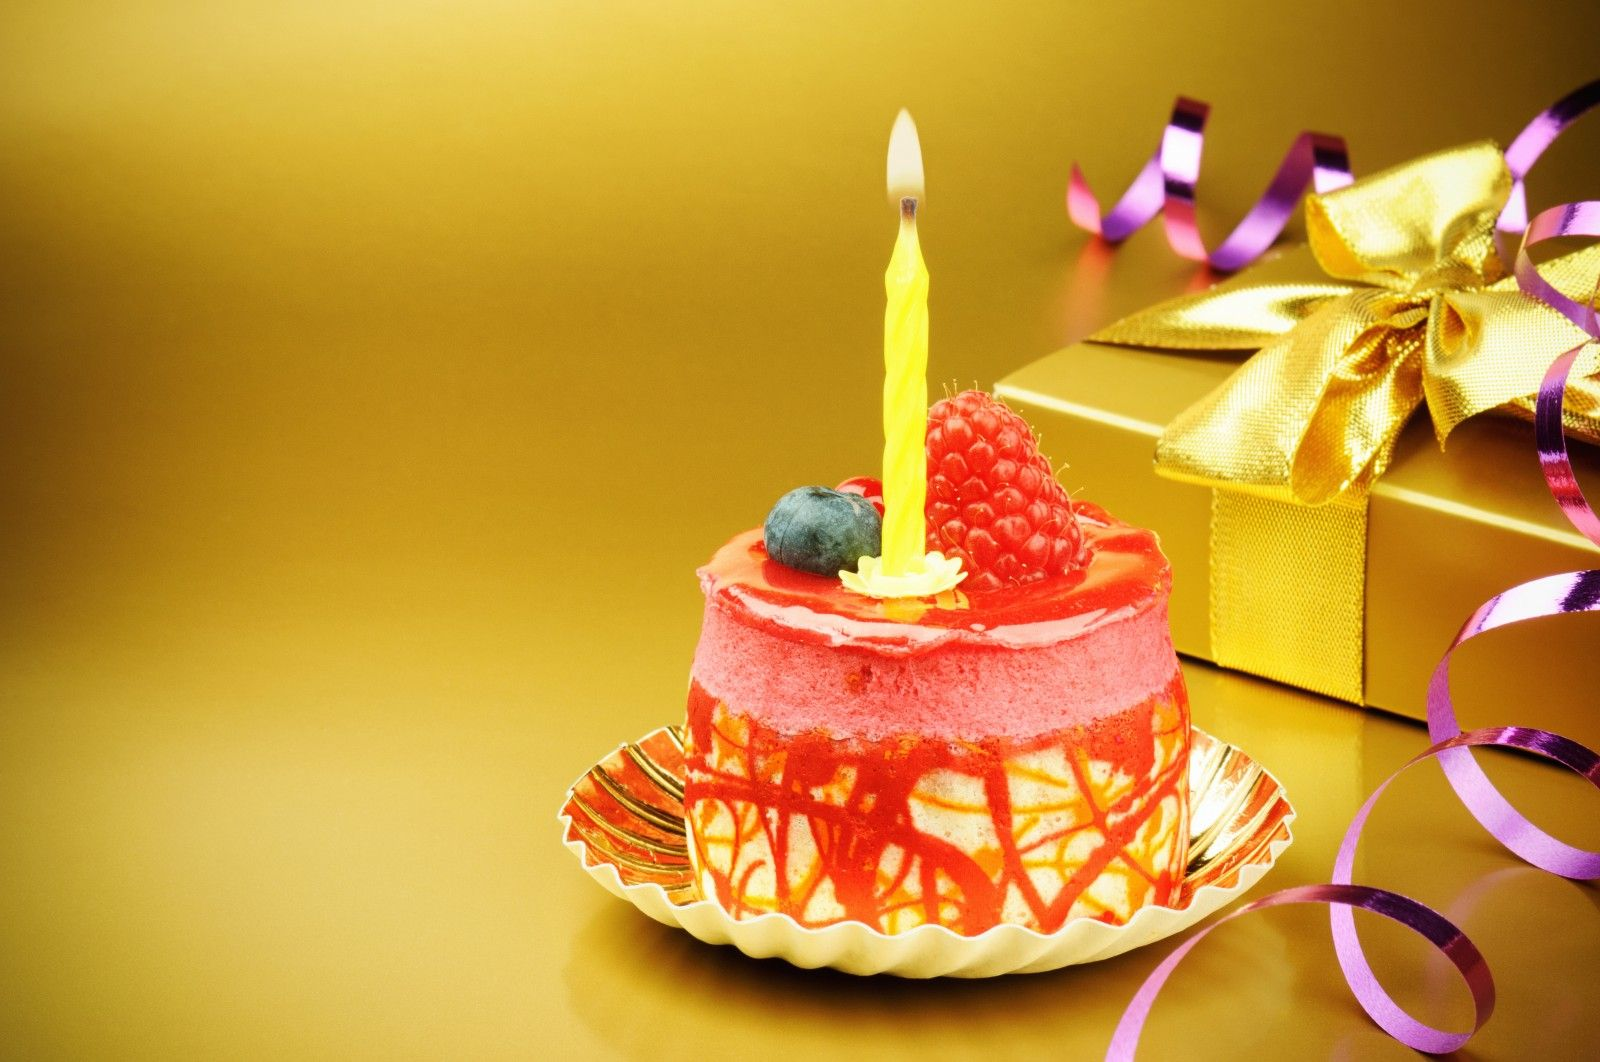 Birthday Cake With Candles  Happy Birthday  Pinterest  Birthday ...